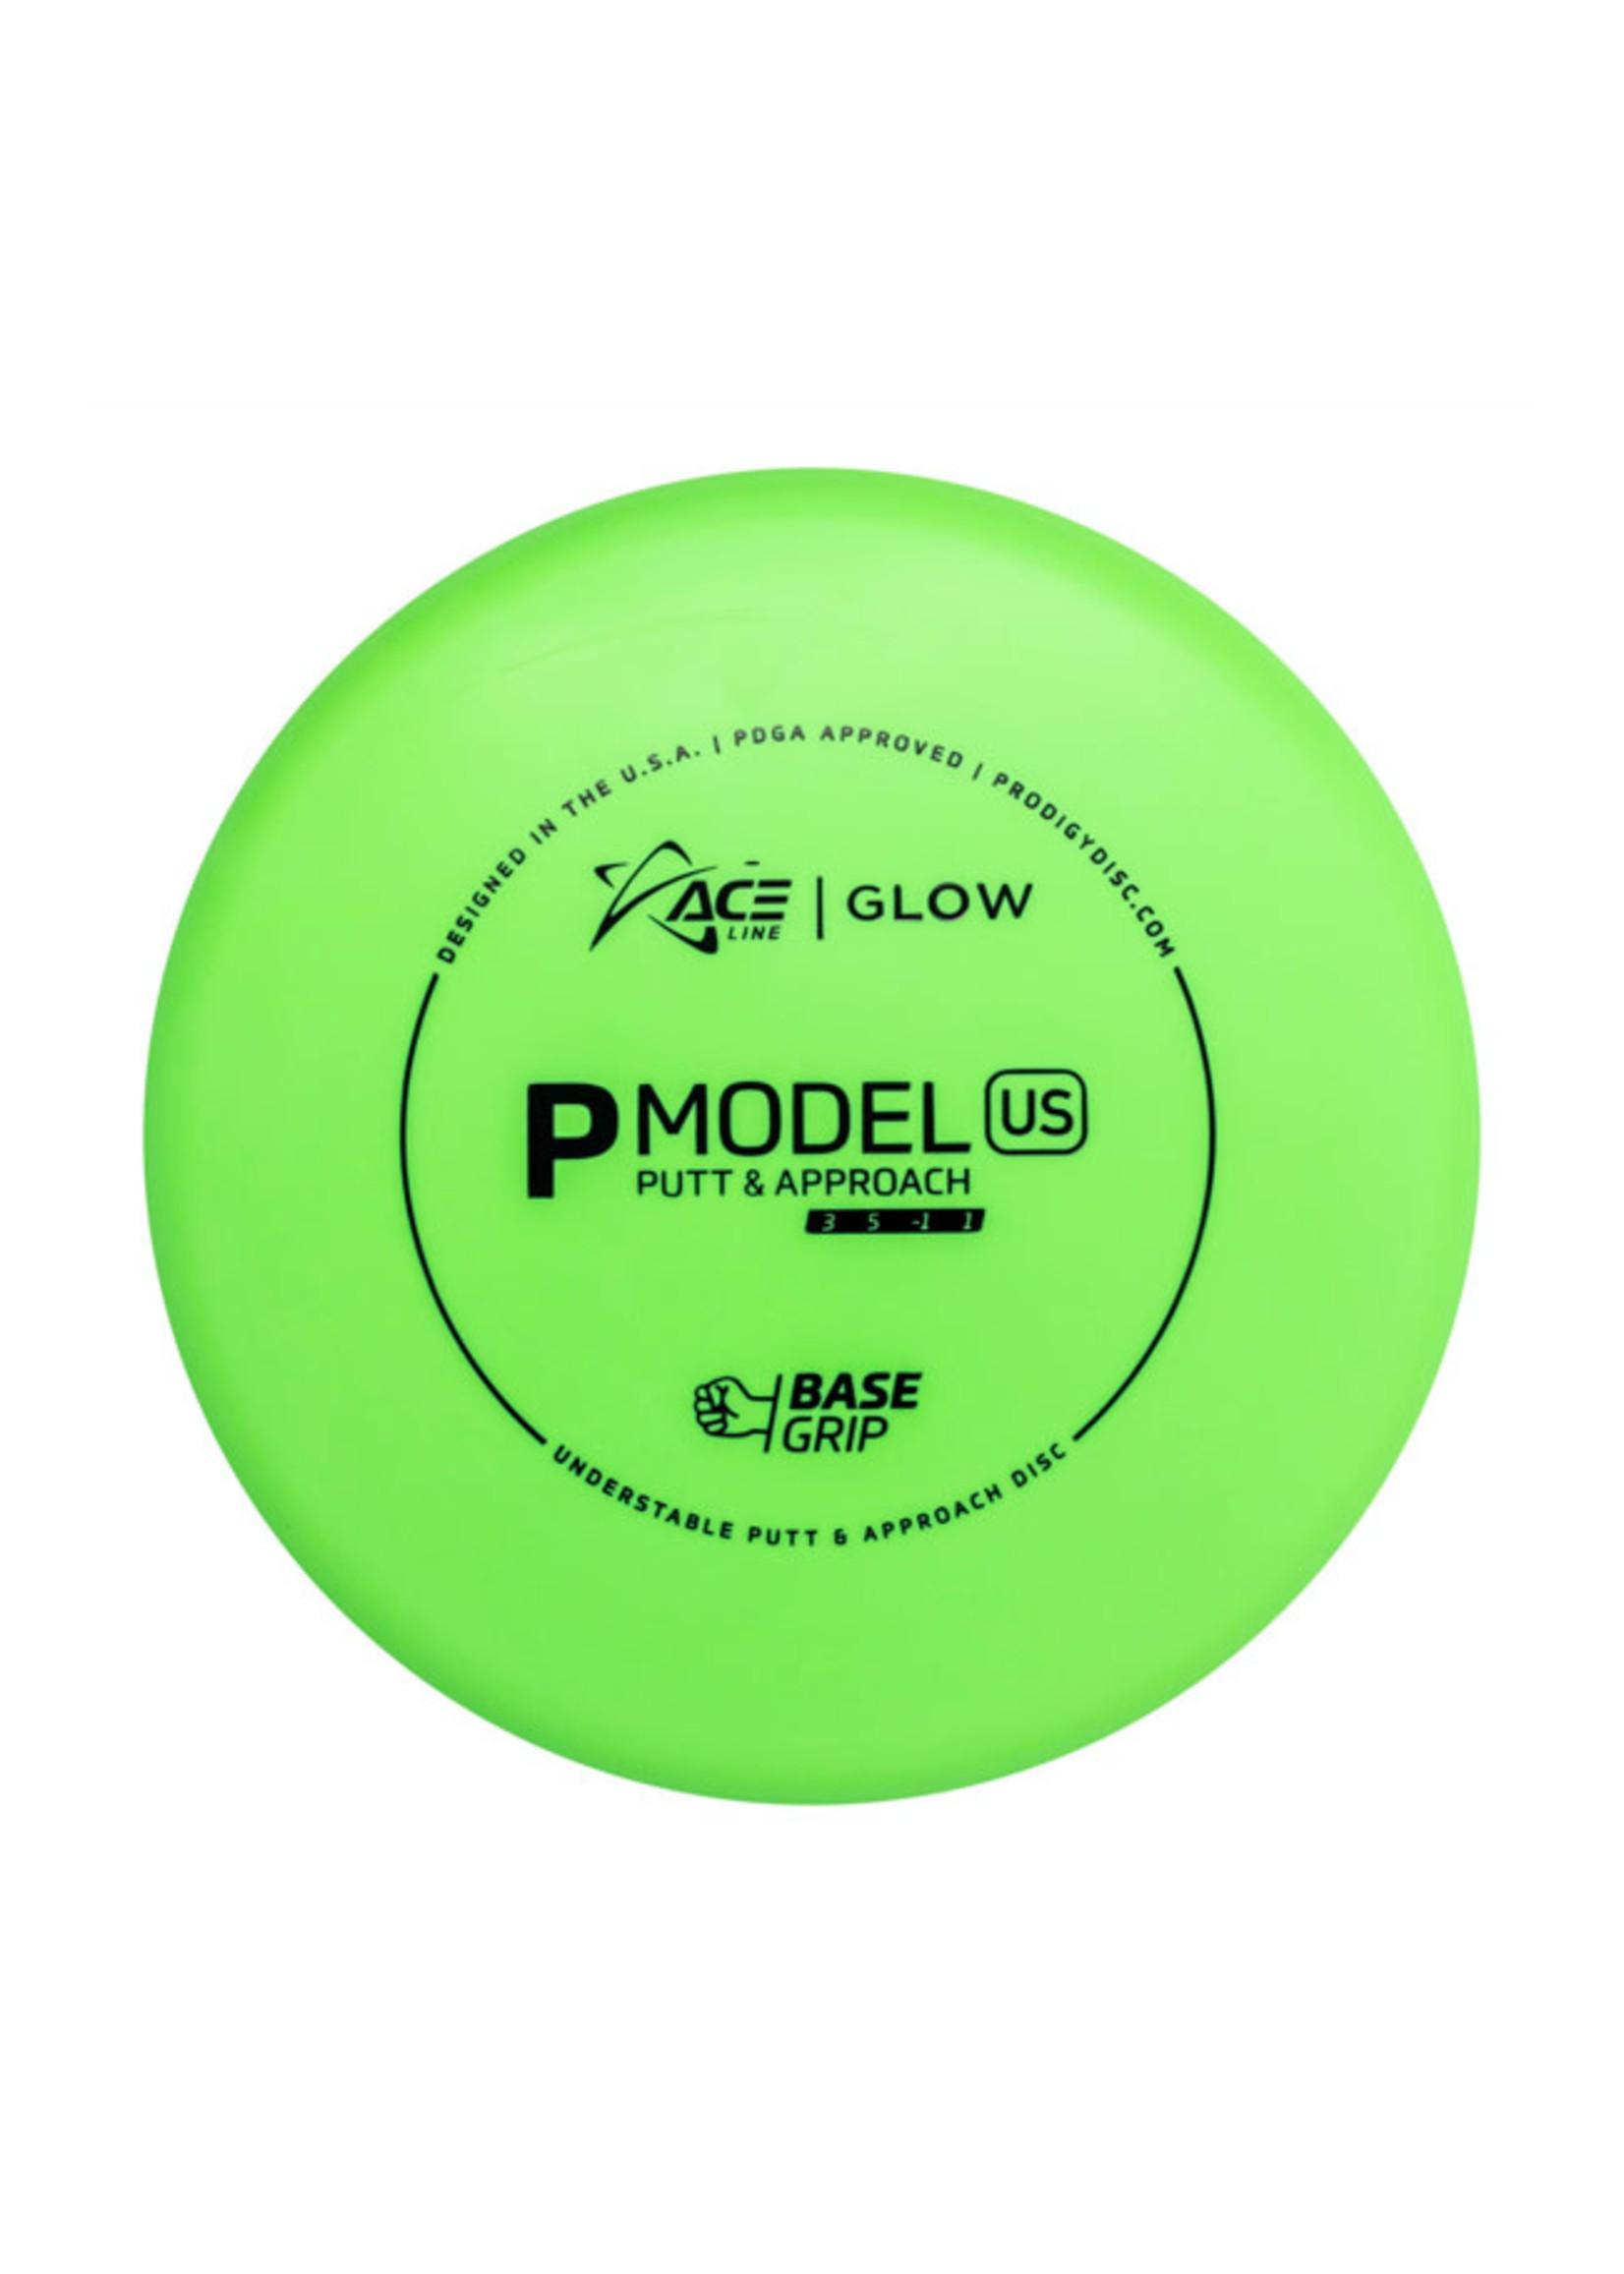 Prodigy Prodigy Ace P Model US Putt & Approach